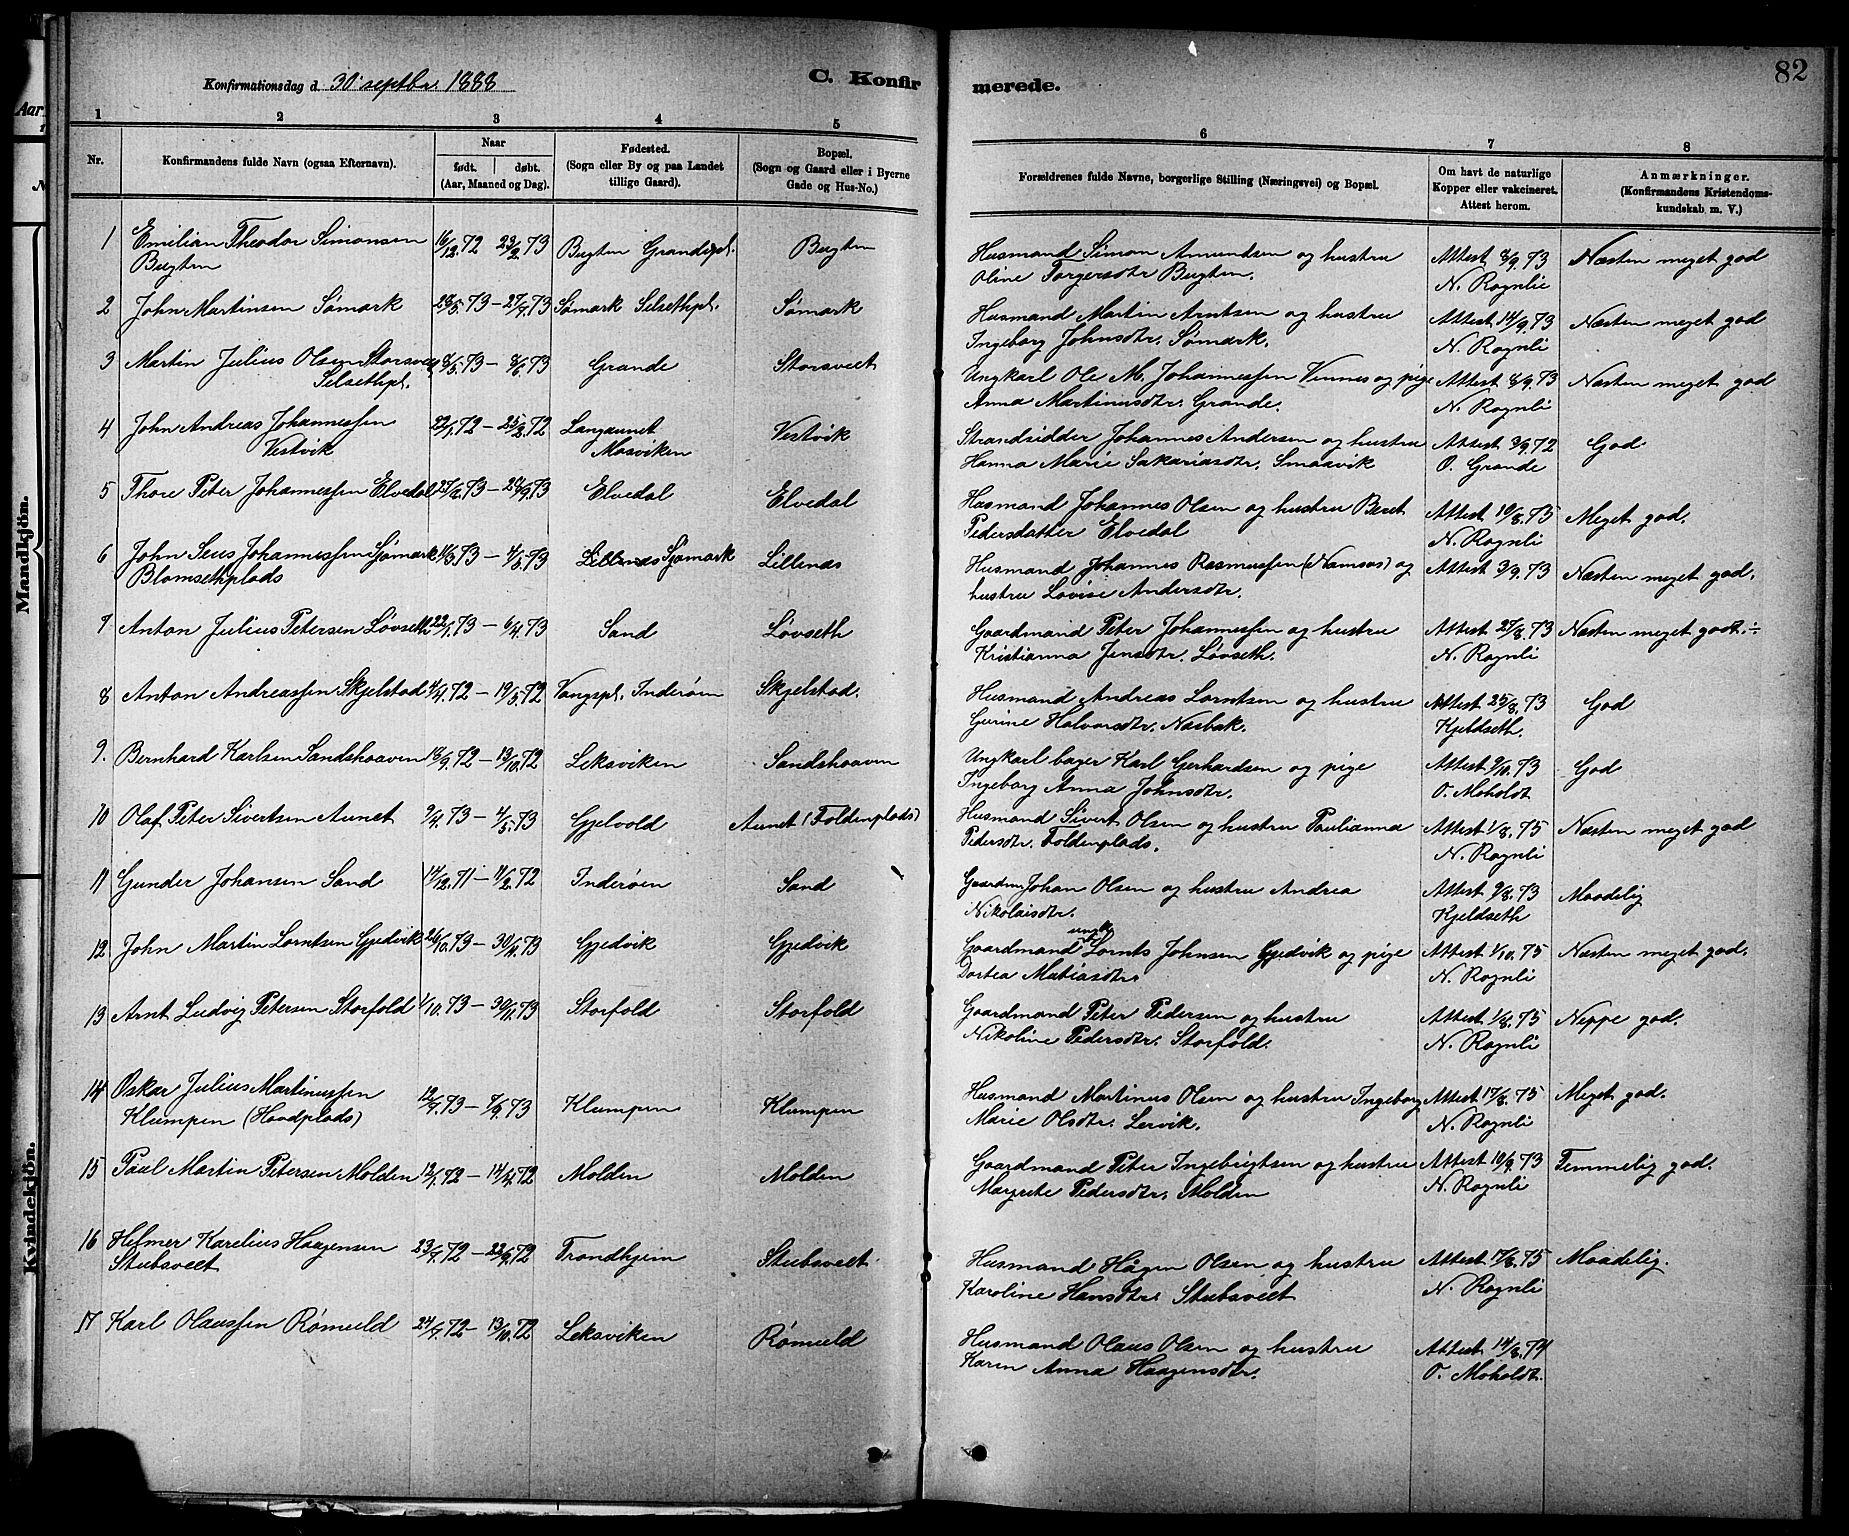 SAT, Ministerialprotokoller, klokkerbøker og fødselsregistre - Nord-Trøndelag, 744/L0423: Klokkerbok nr. 744C02, 1886-1905, s. 82